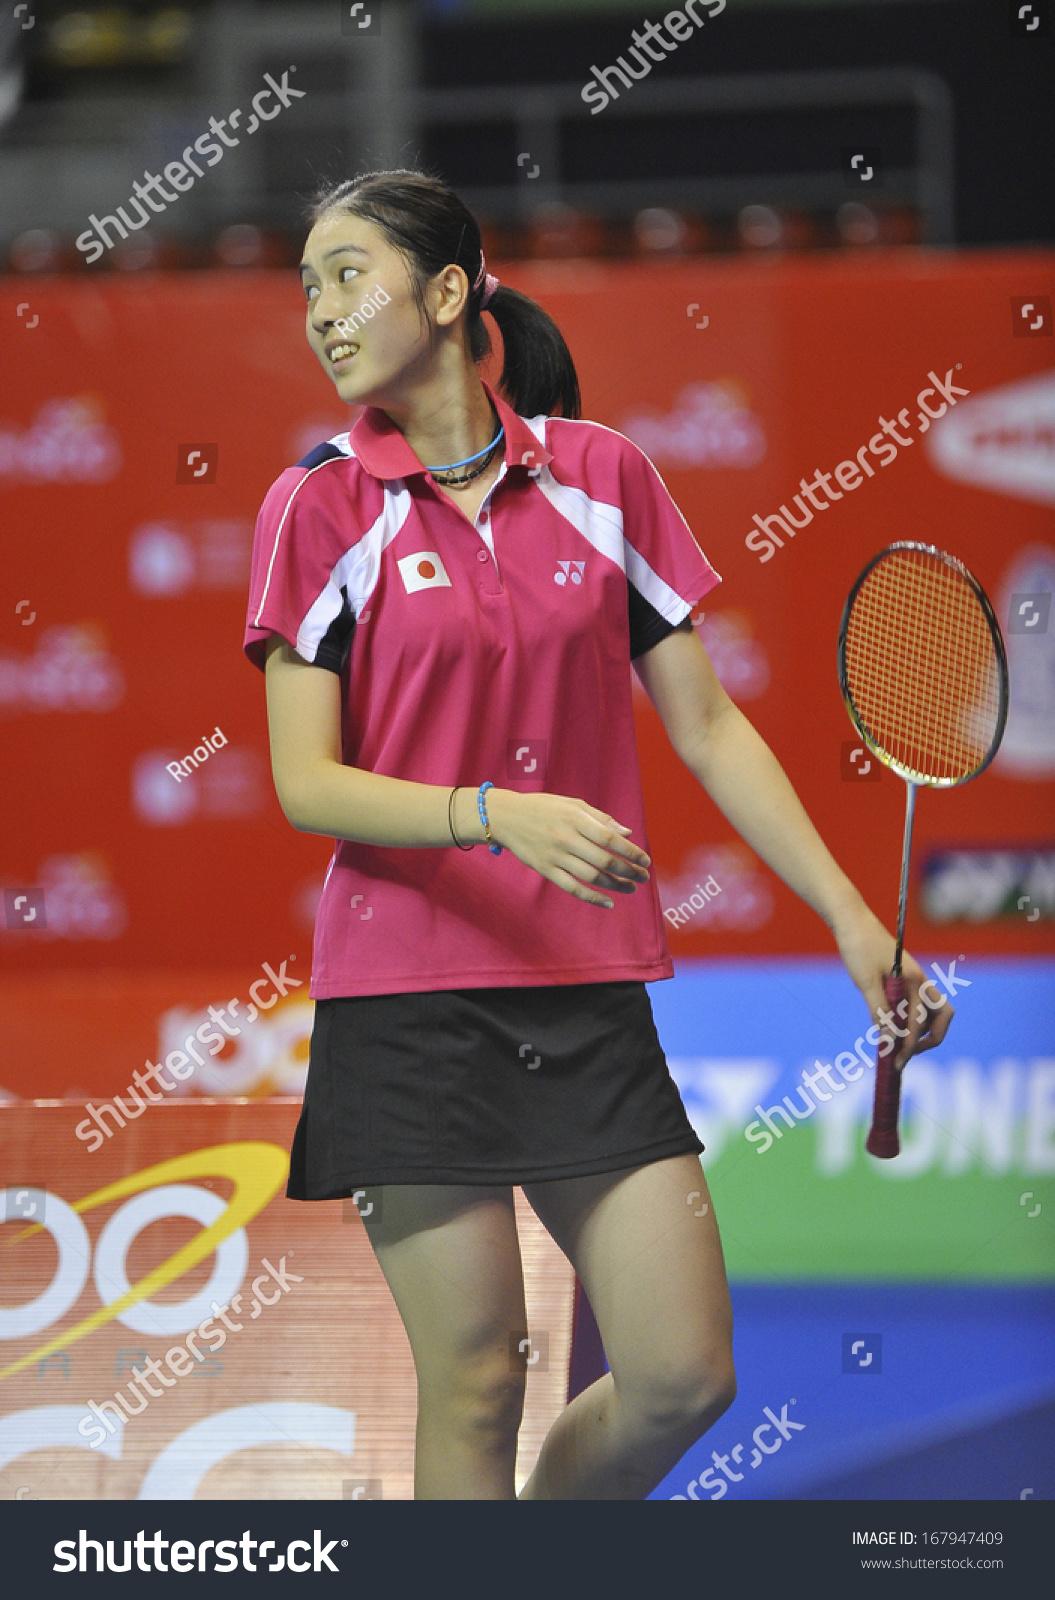 Bangkokthailand Nov 03 2013 Aya Ohori Stock